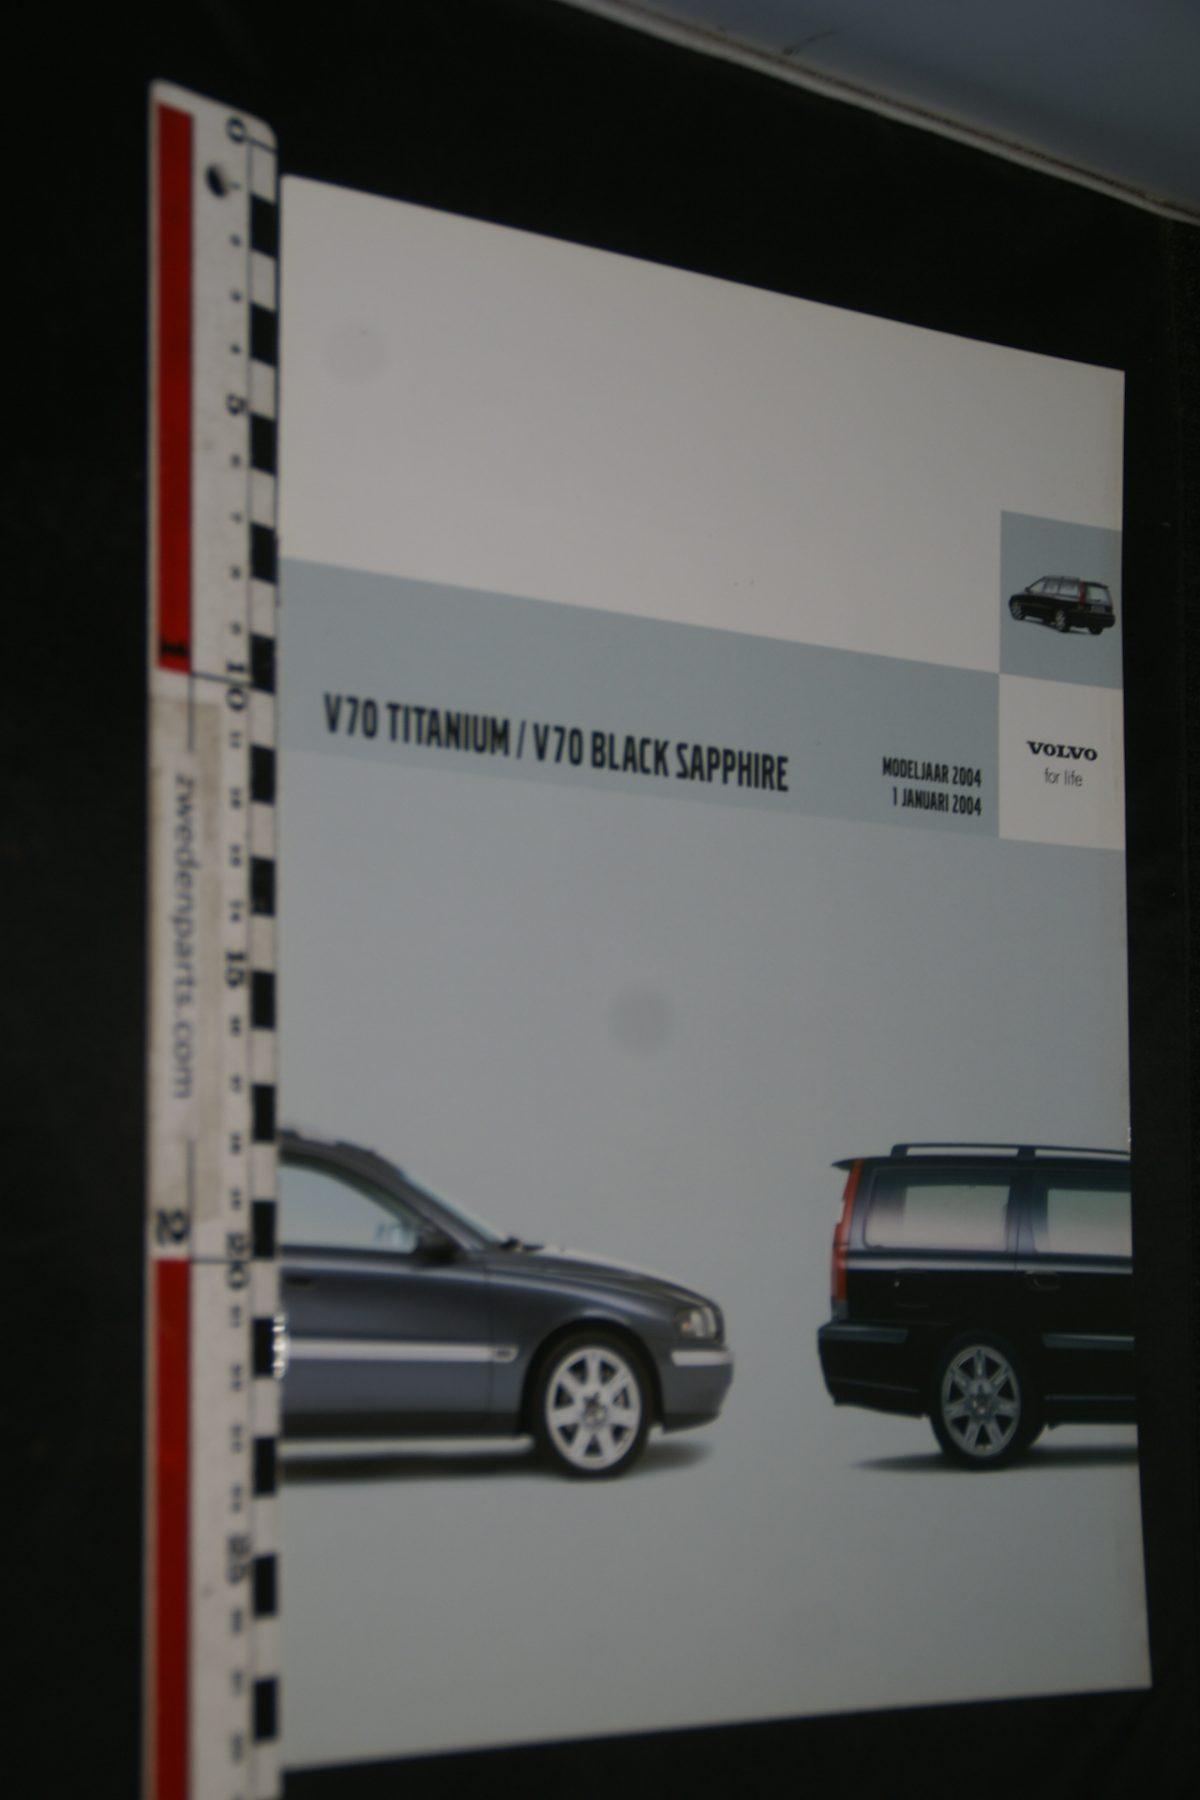 DSC06343 2004 brochure Volvo V70 Titanium en Black Sapphire nr 01-04-V1